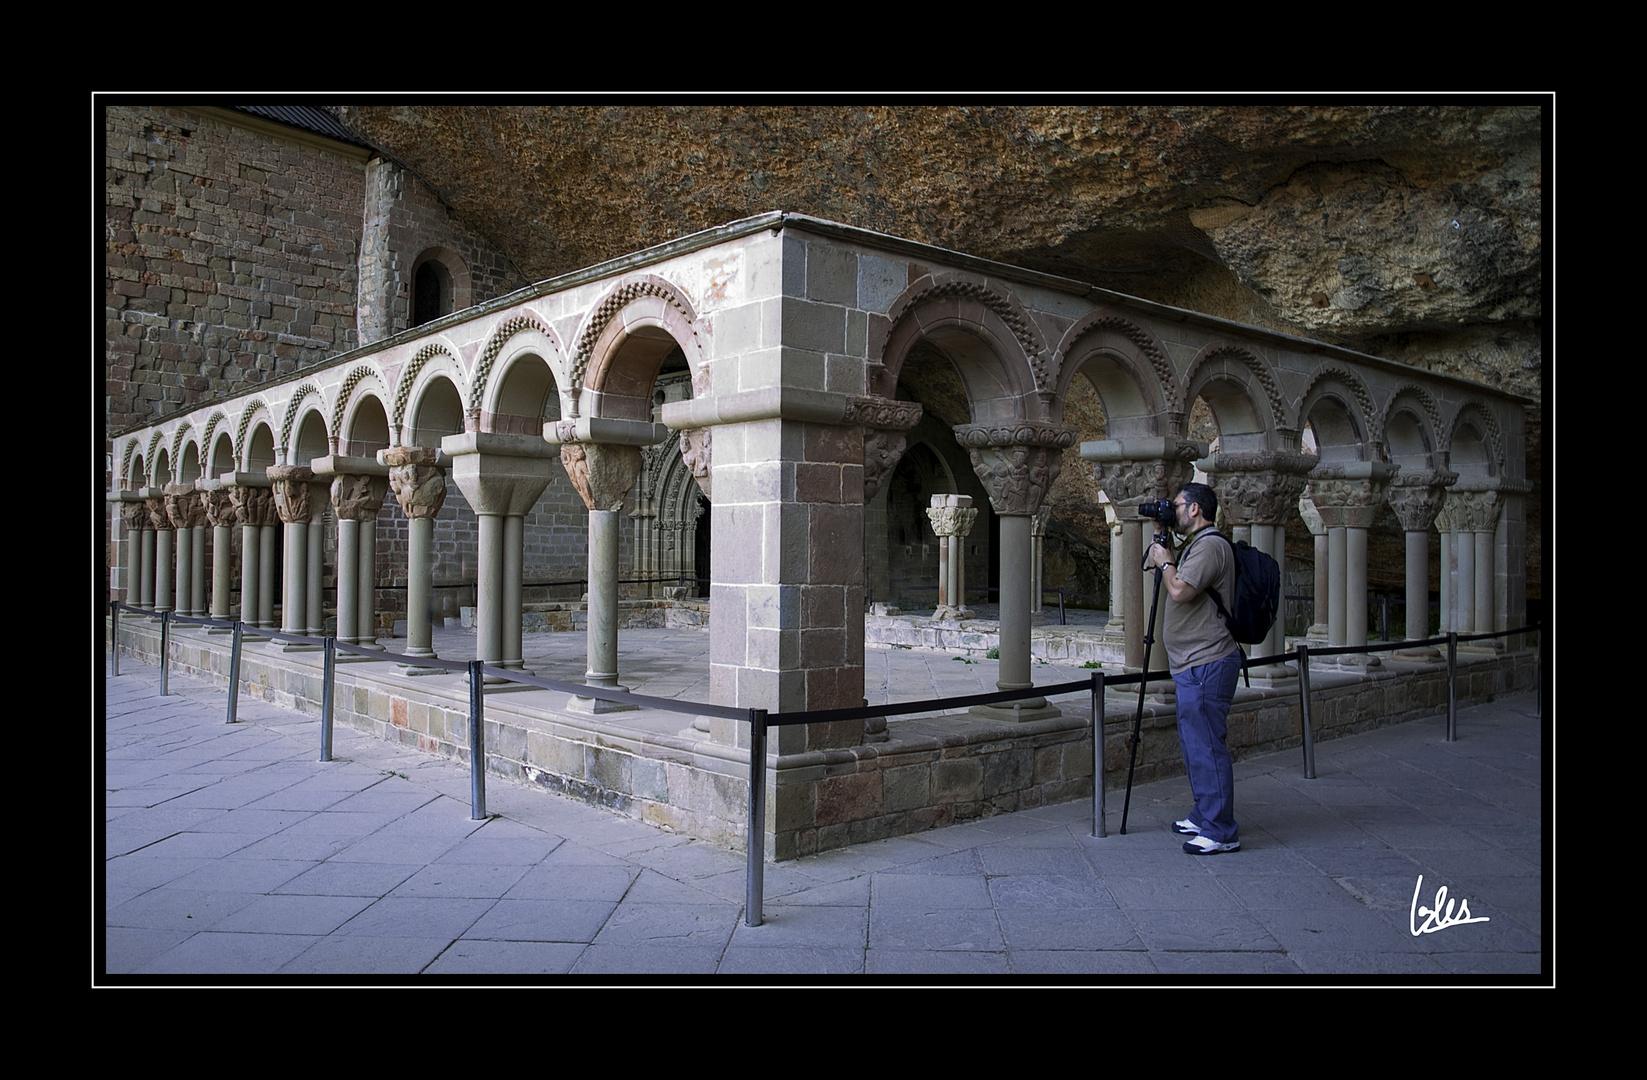 Claustro del Monasterio viejo de San Juan de la Peña (Huesca)